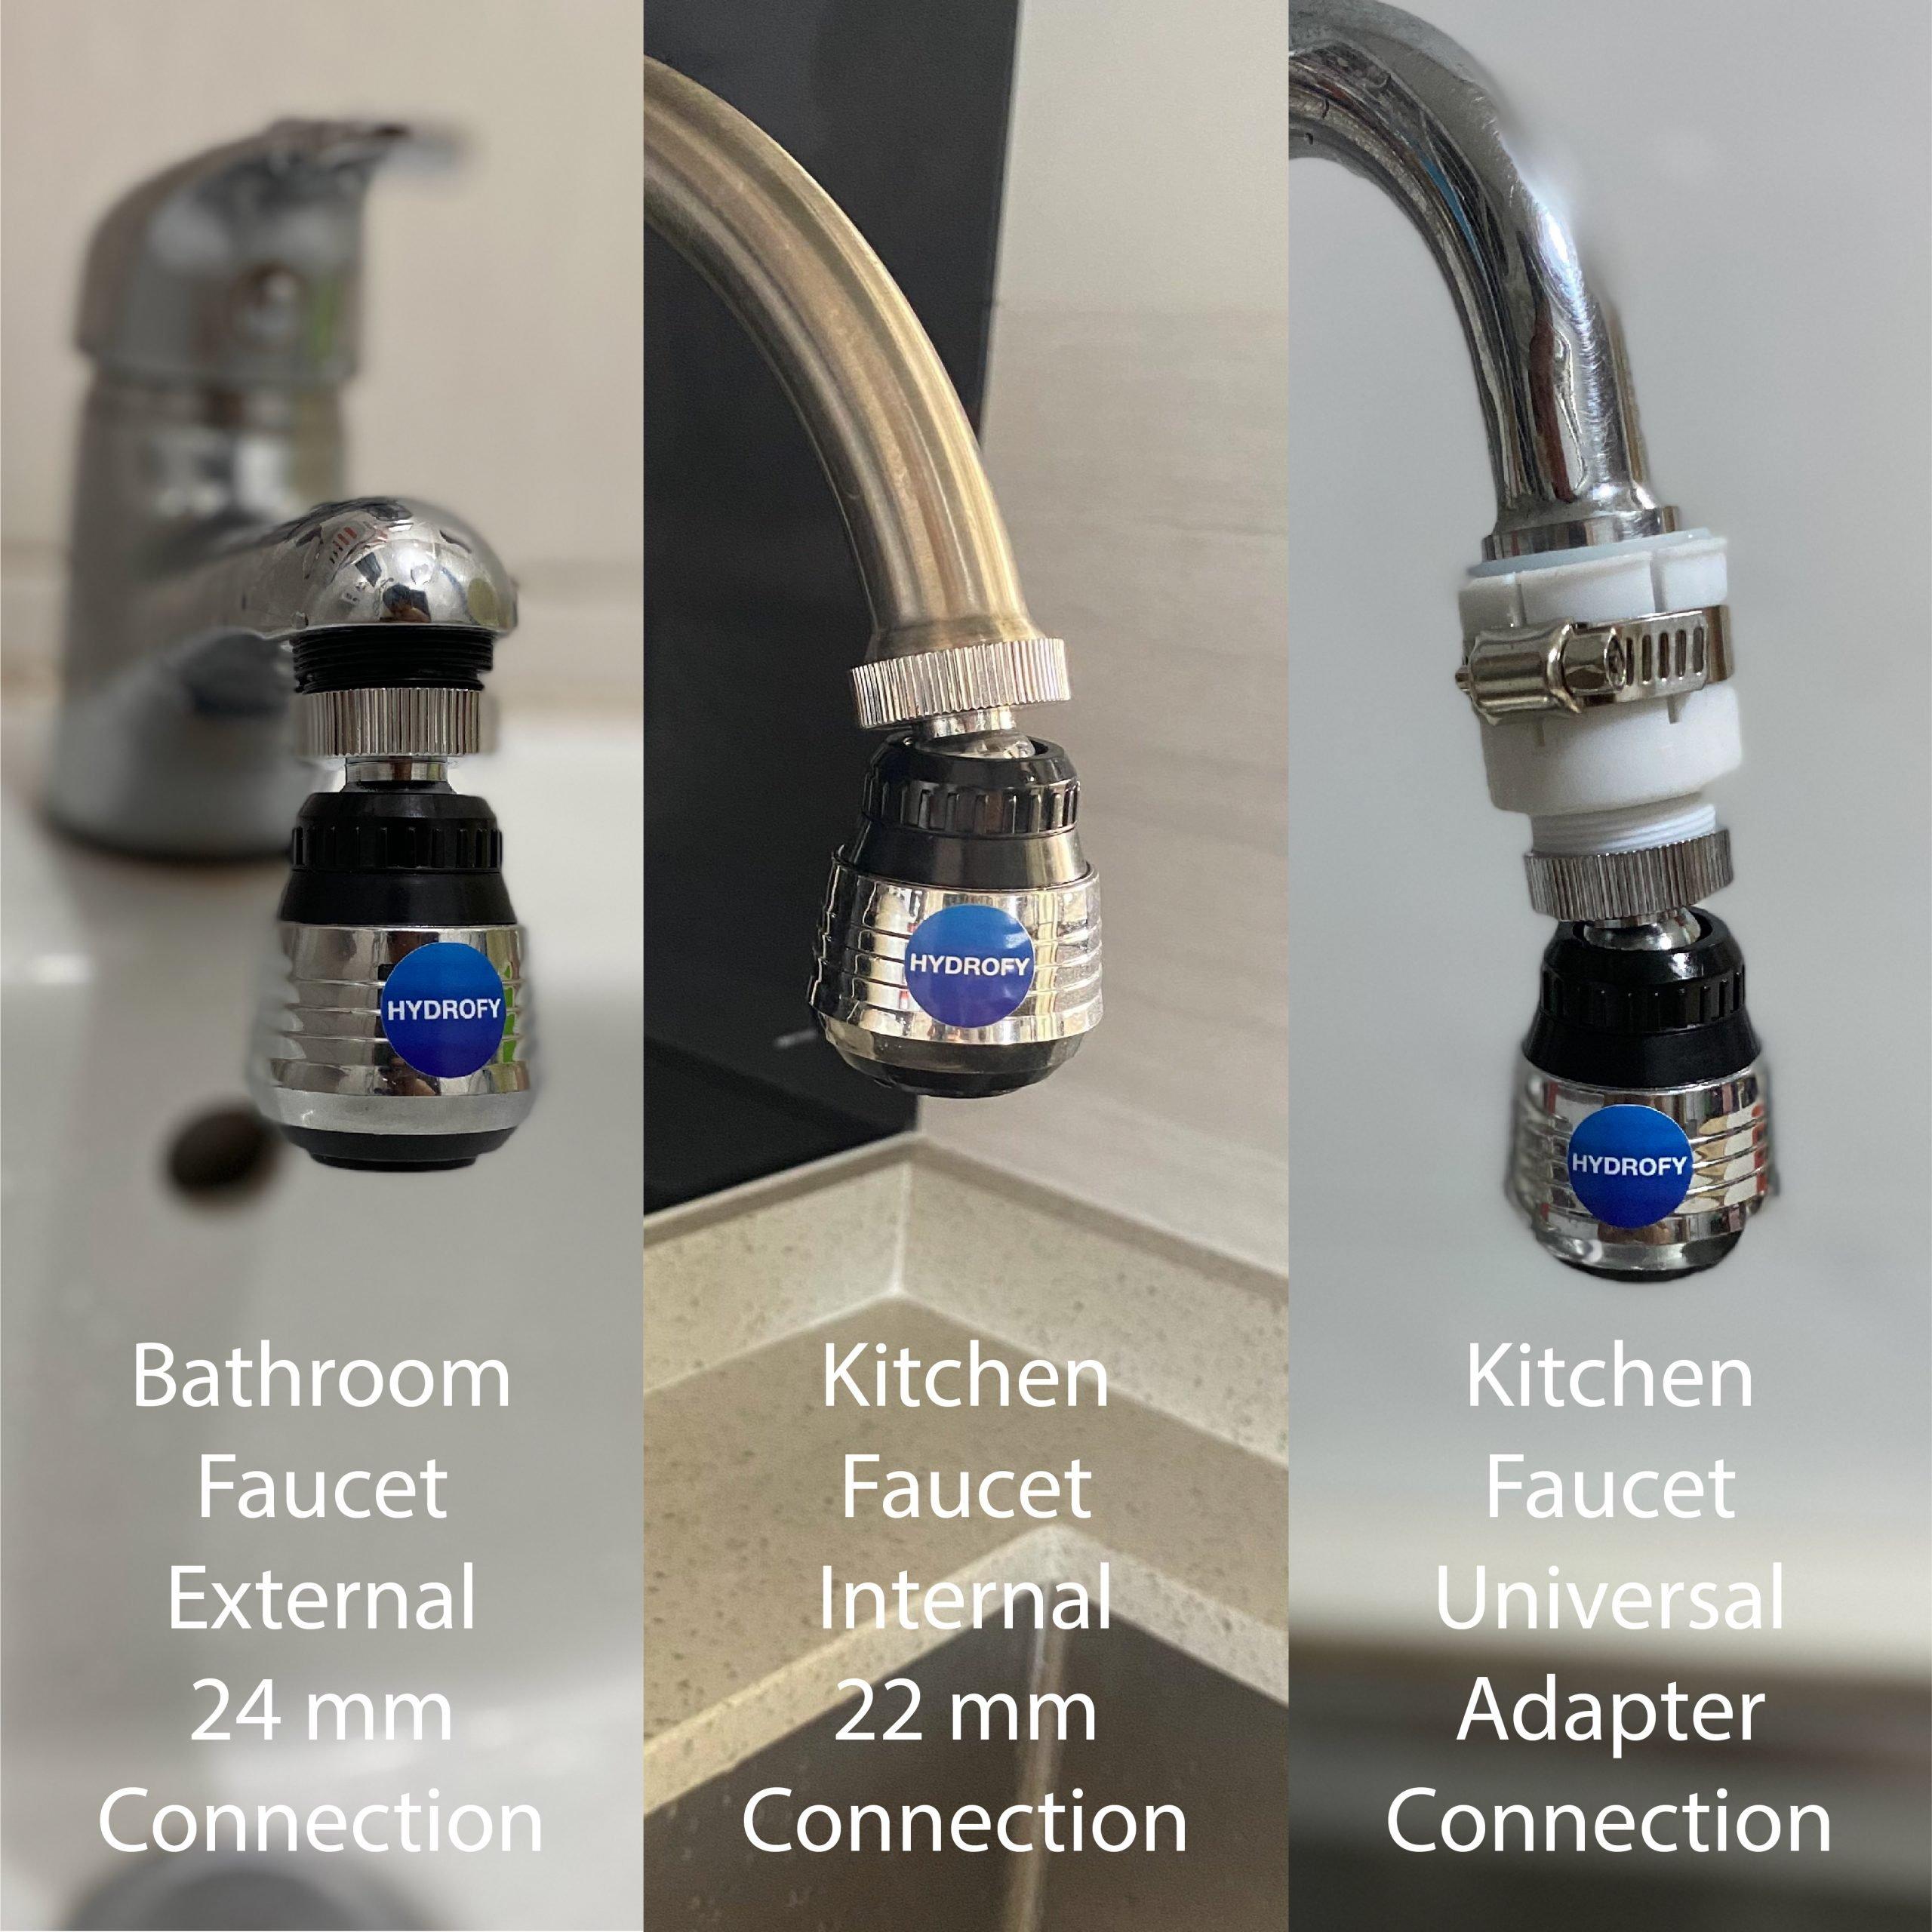 Faucet Aerator - Tap Aerator - Installation_Installation Variations